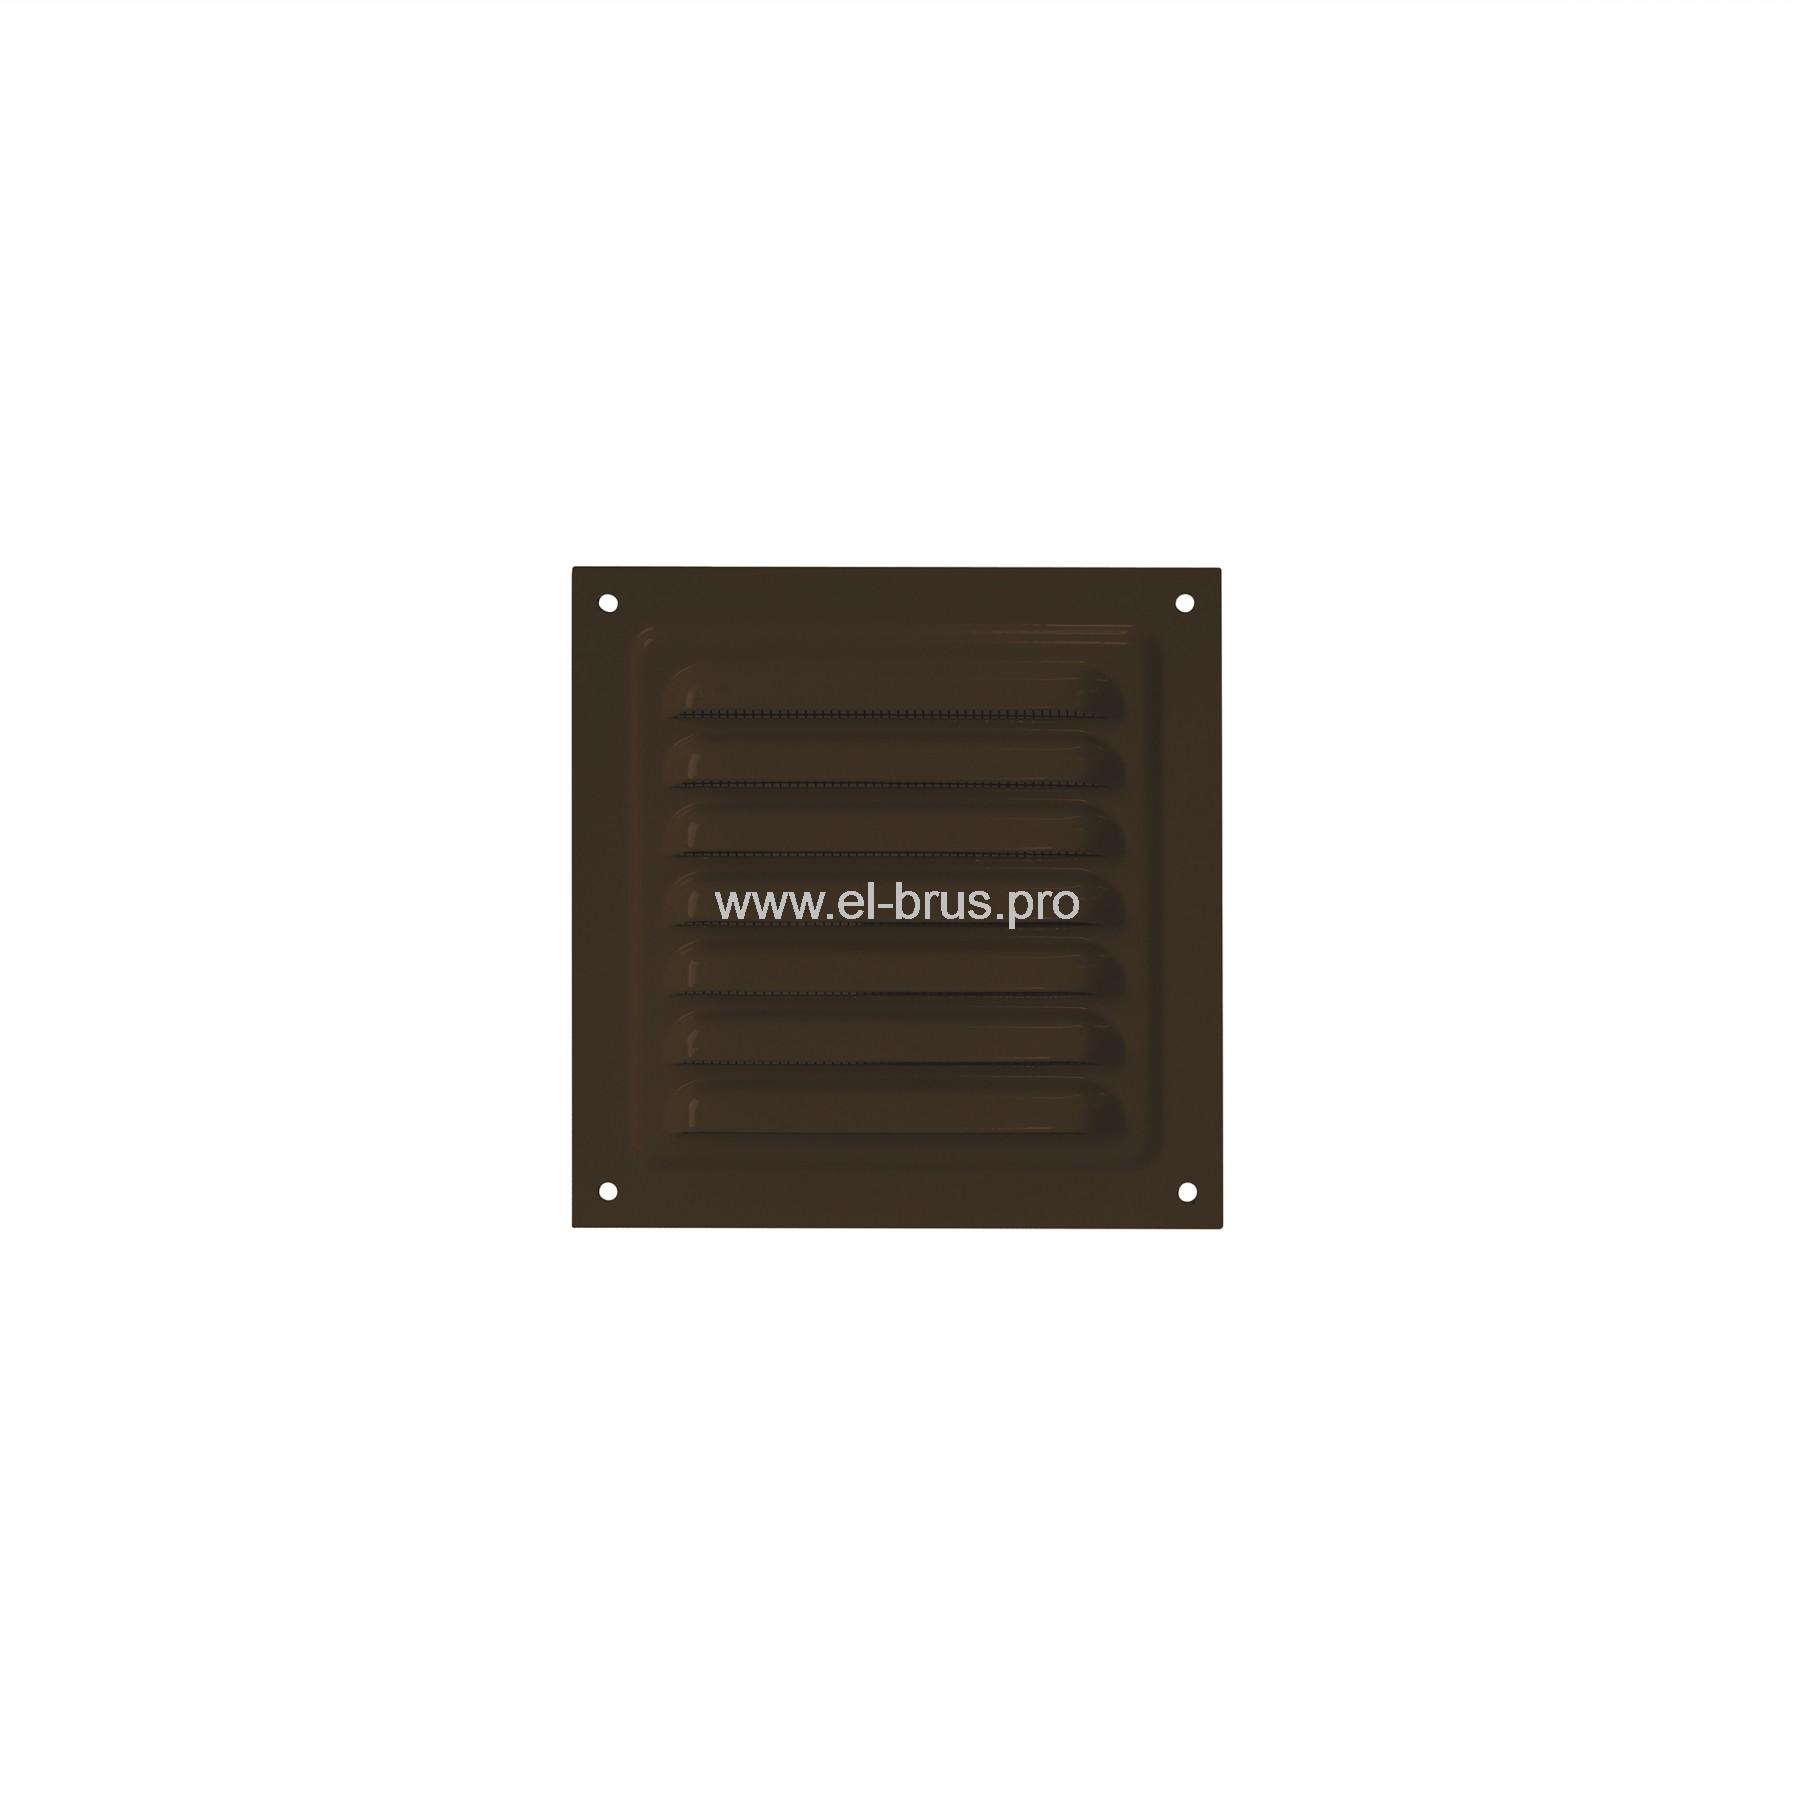 Решетка вент. с сеткой 125х125мм сталь коричневая ERA 1212МЭ